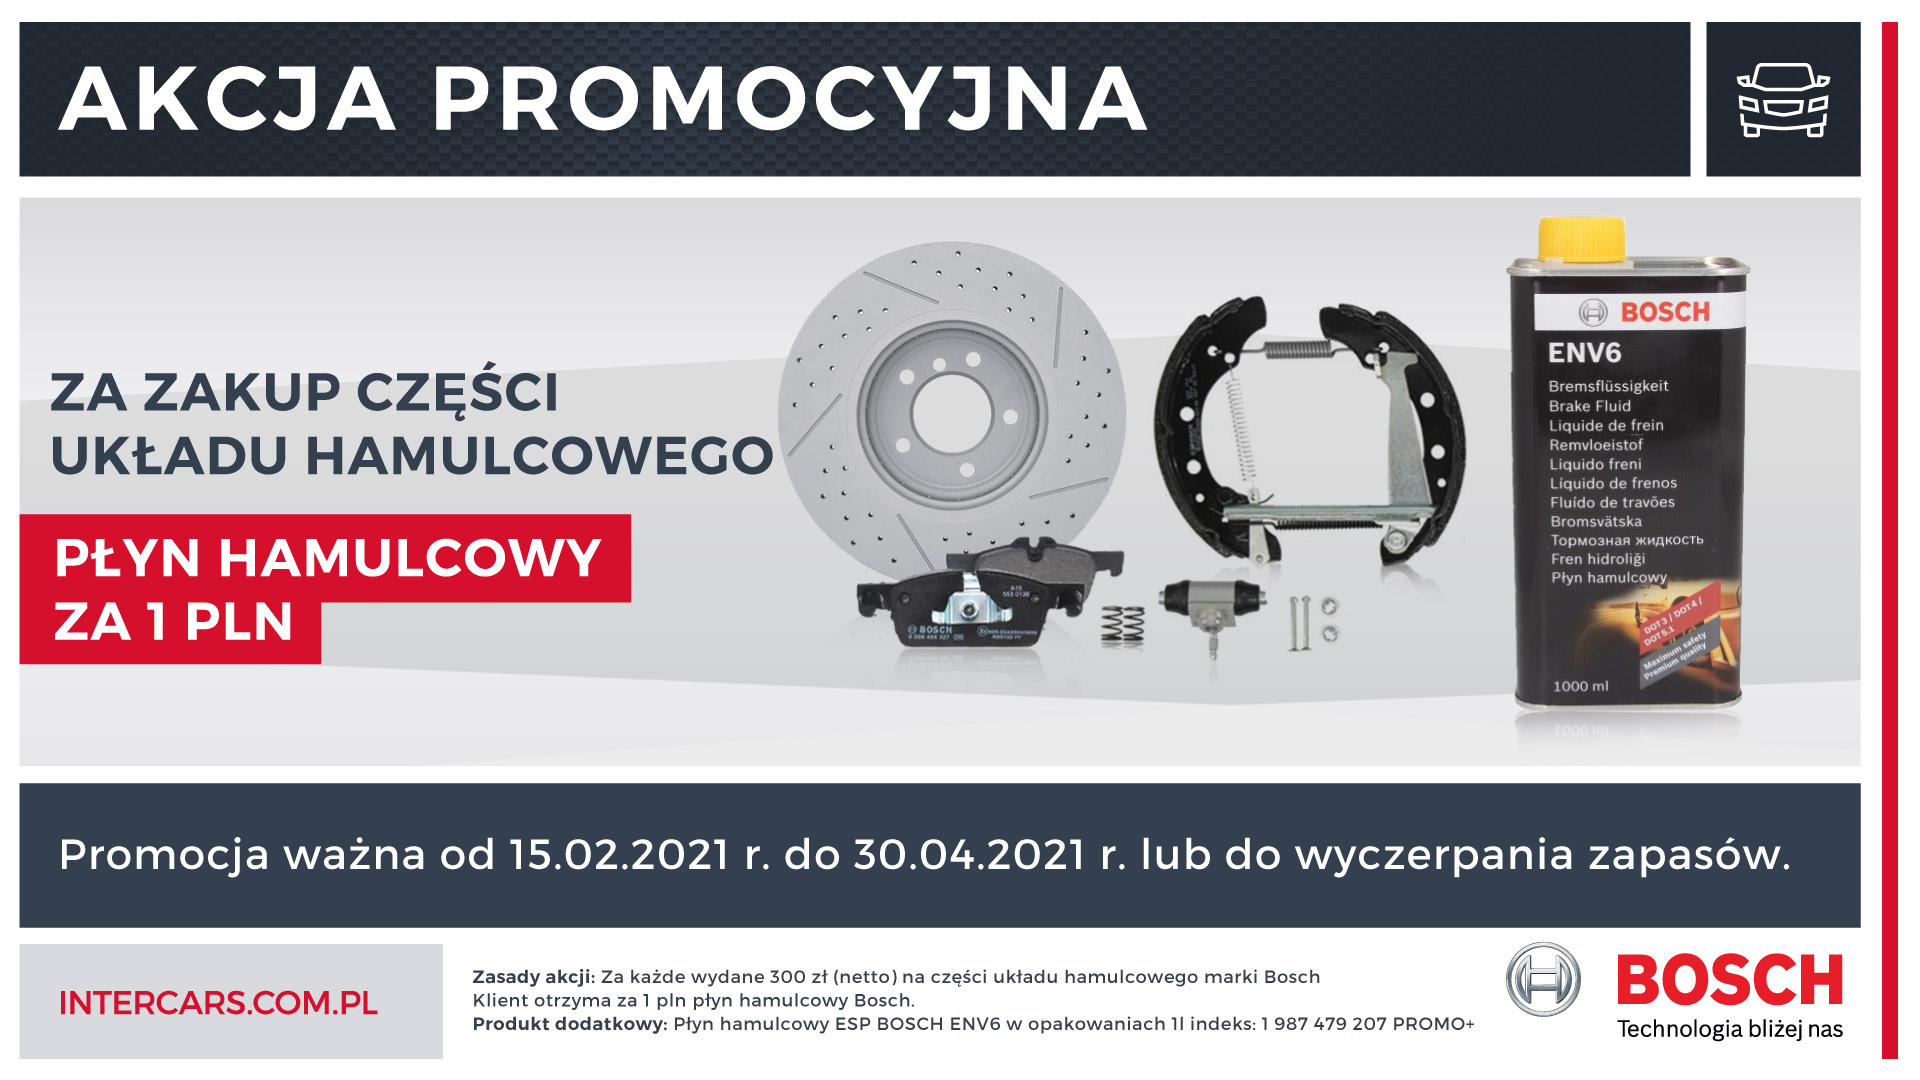 bosch_za_zakup_czesci_ukladu_hamulcowego_plyn_za_1pl_1920x1080.jpg